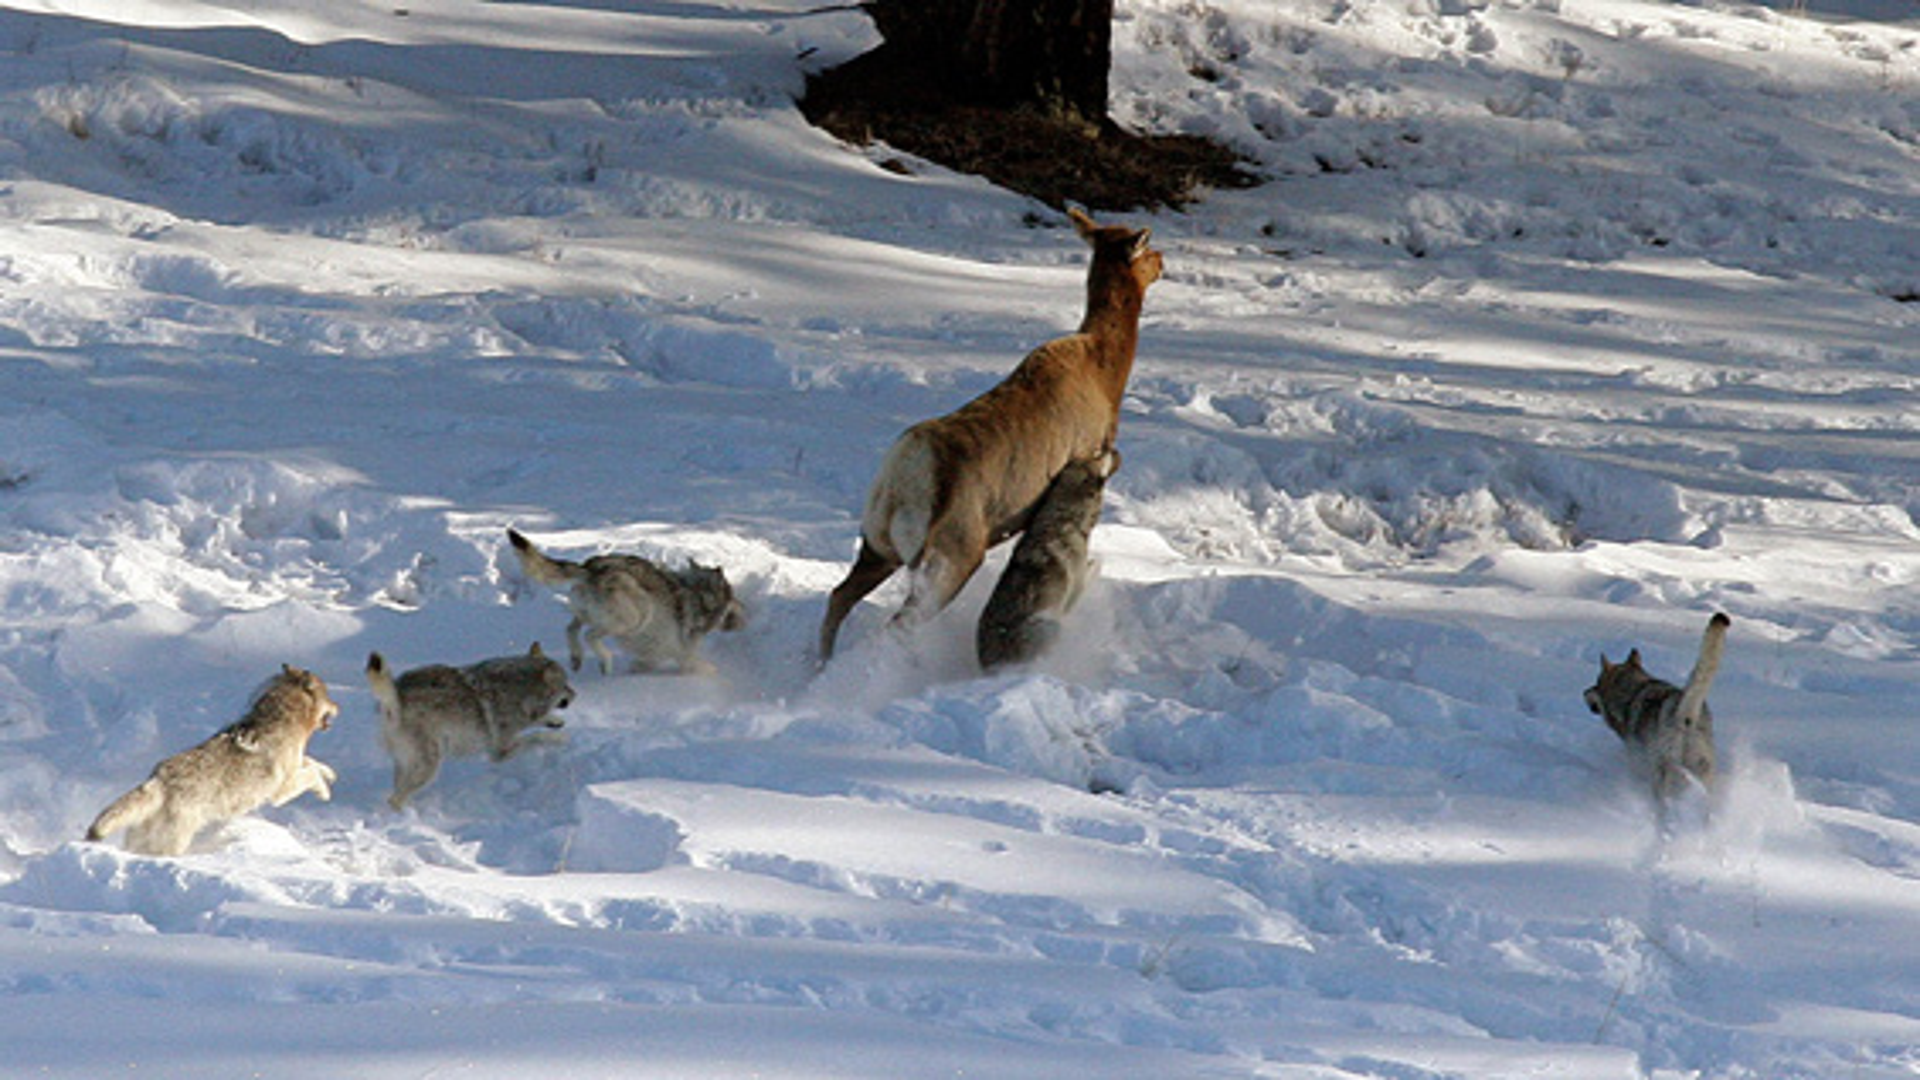 حمله گله گرگهای گرسنه به دسته گوزنها | فیلم